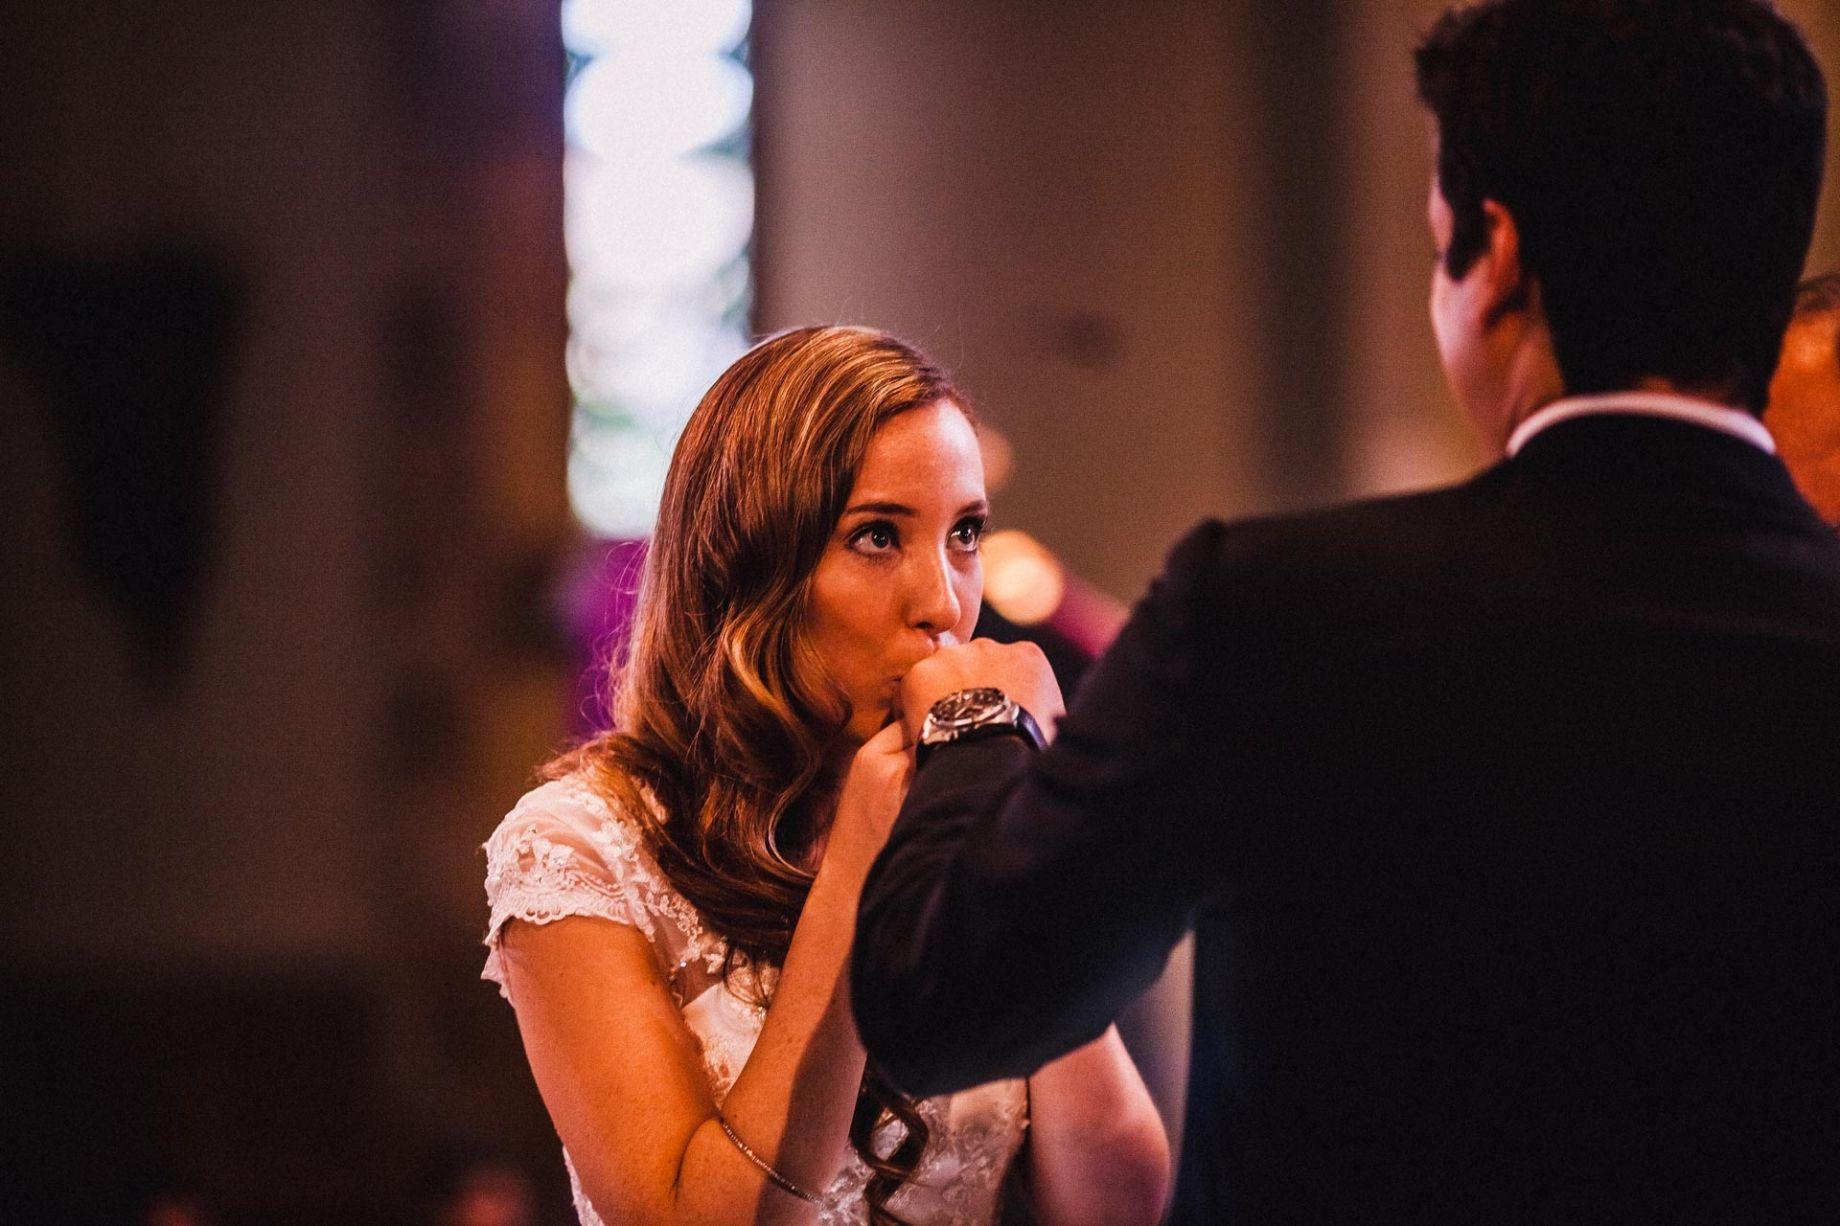 Matrimonio en Lo Barnechea, Parroquia María Madre de Misericordia, Santiago {Germaine + Bruno} - Fotógrafo matrimonio Santiago, Viña, Concepción